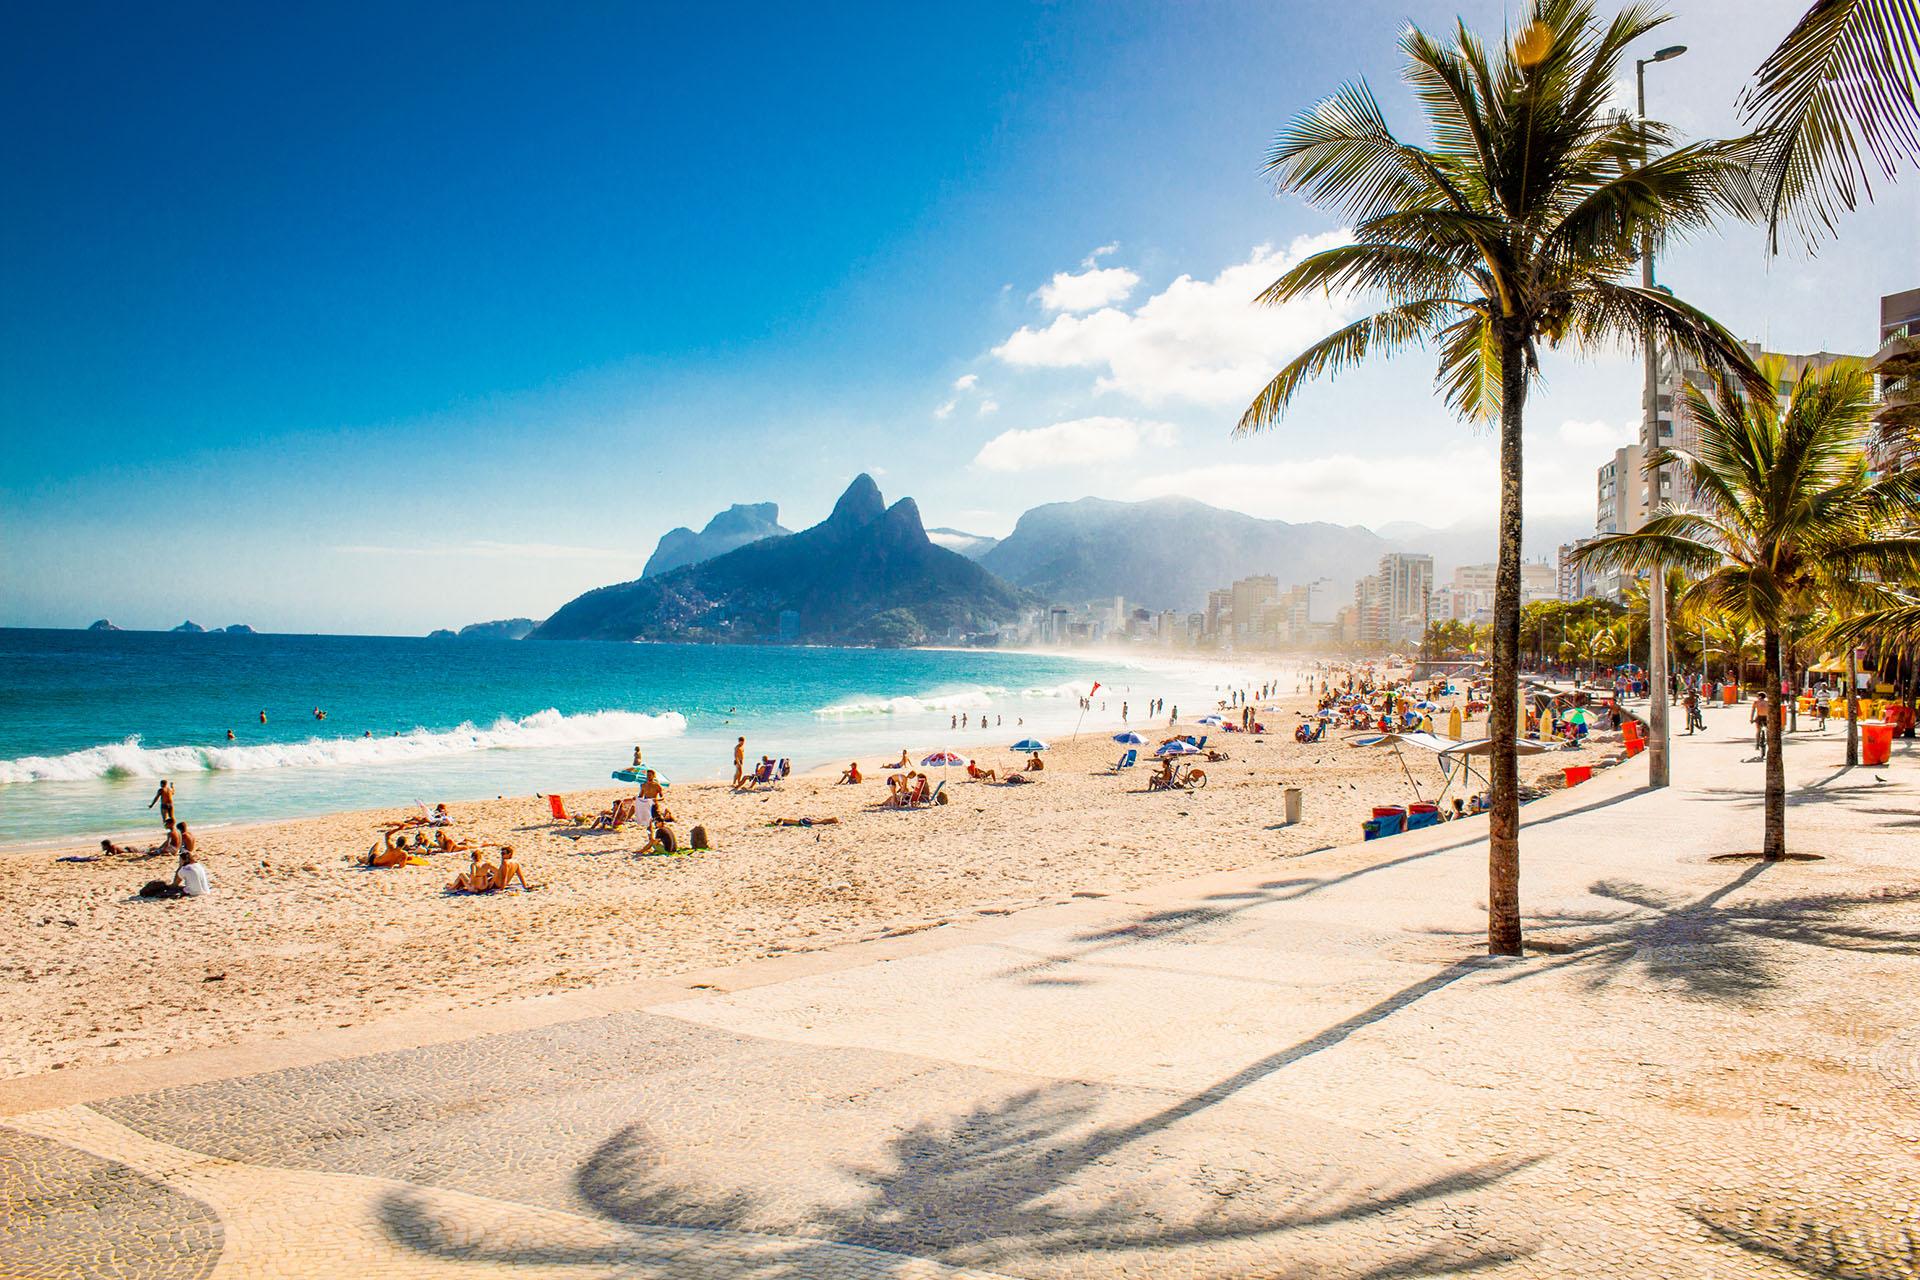 En Río de Janeiro se encuentran las playas de Ipanema, una zona artística y creativa de la ciudad, bordeada por Arpoador Beach en un extremo, y Leblon Beach en el otro, y es uno de los lugares más visitados por los turistas